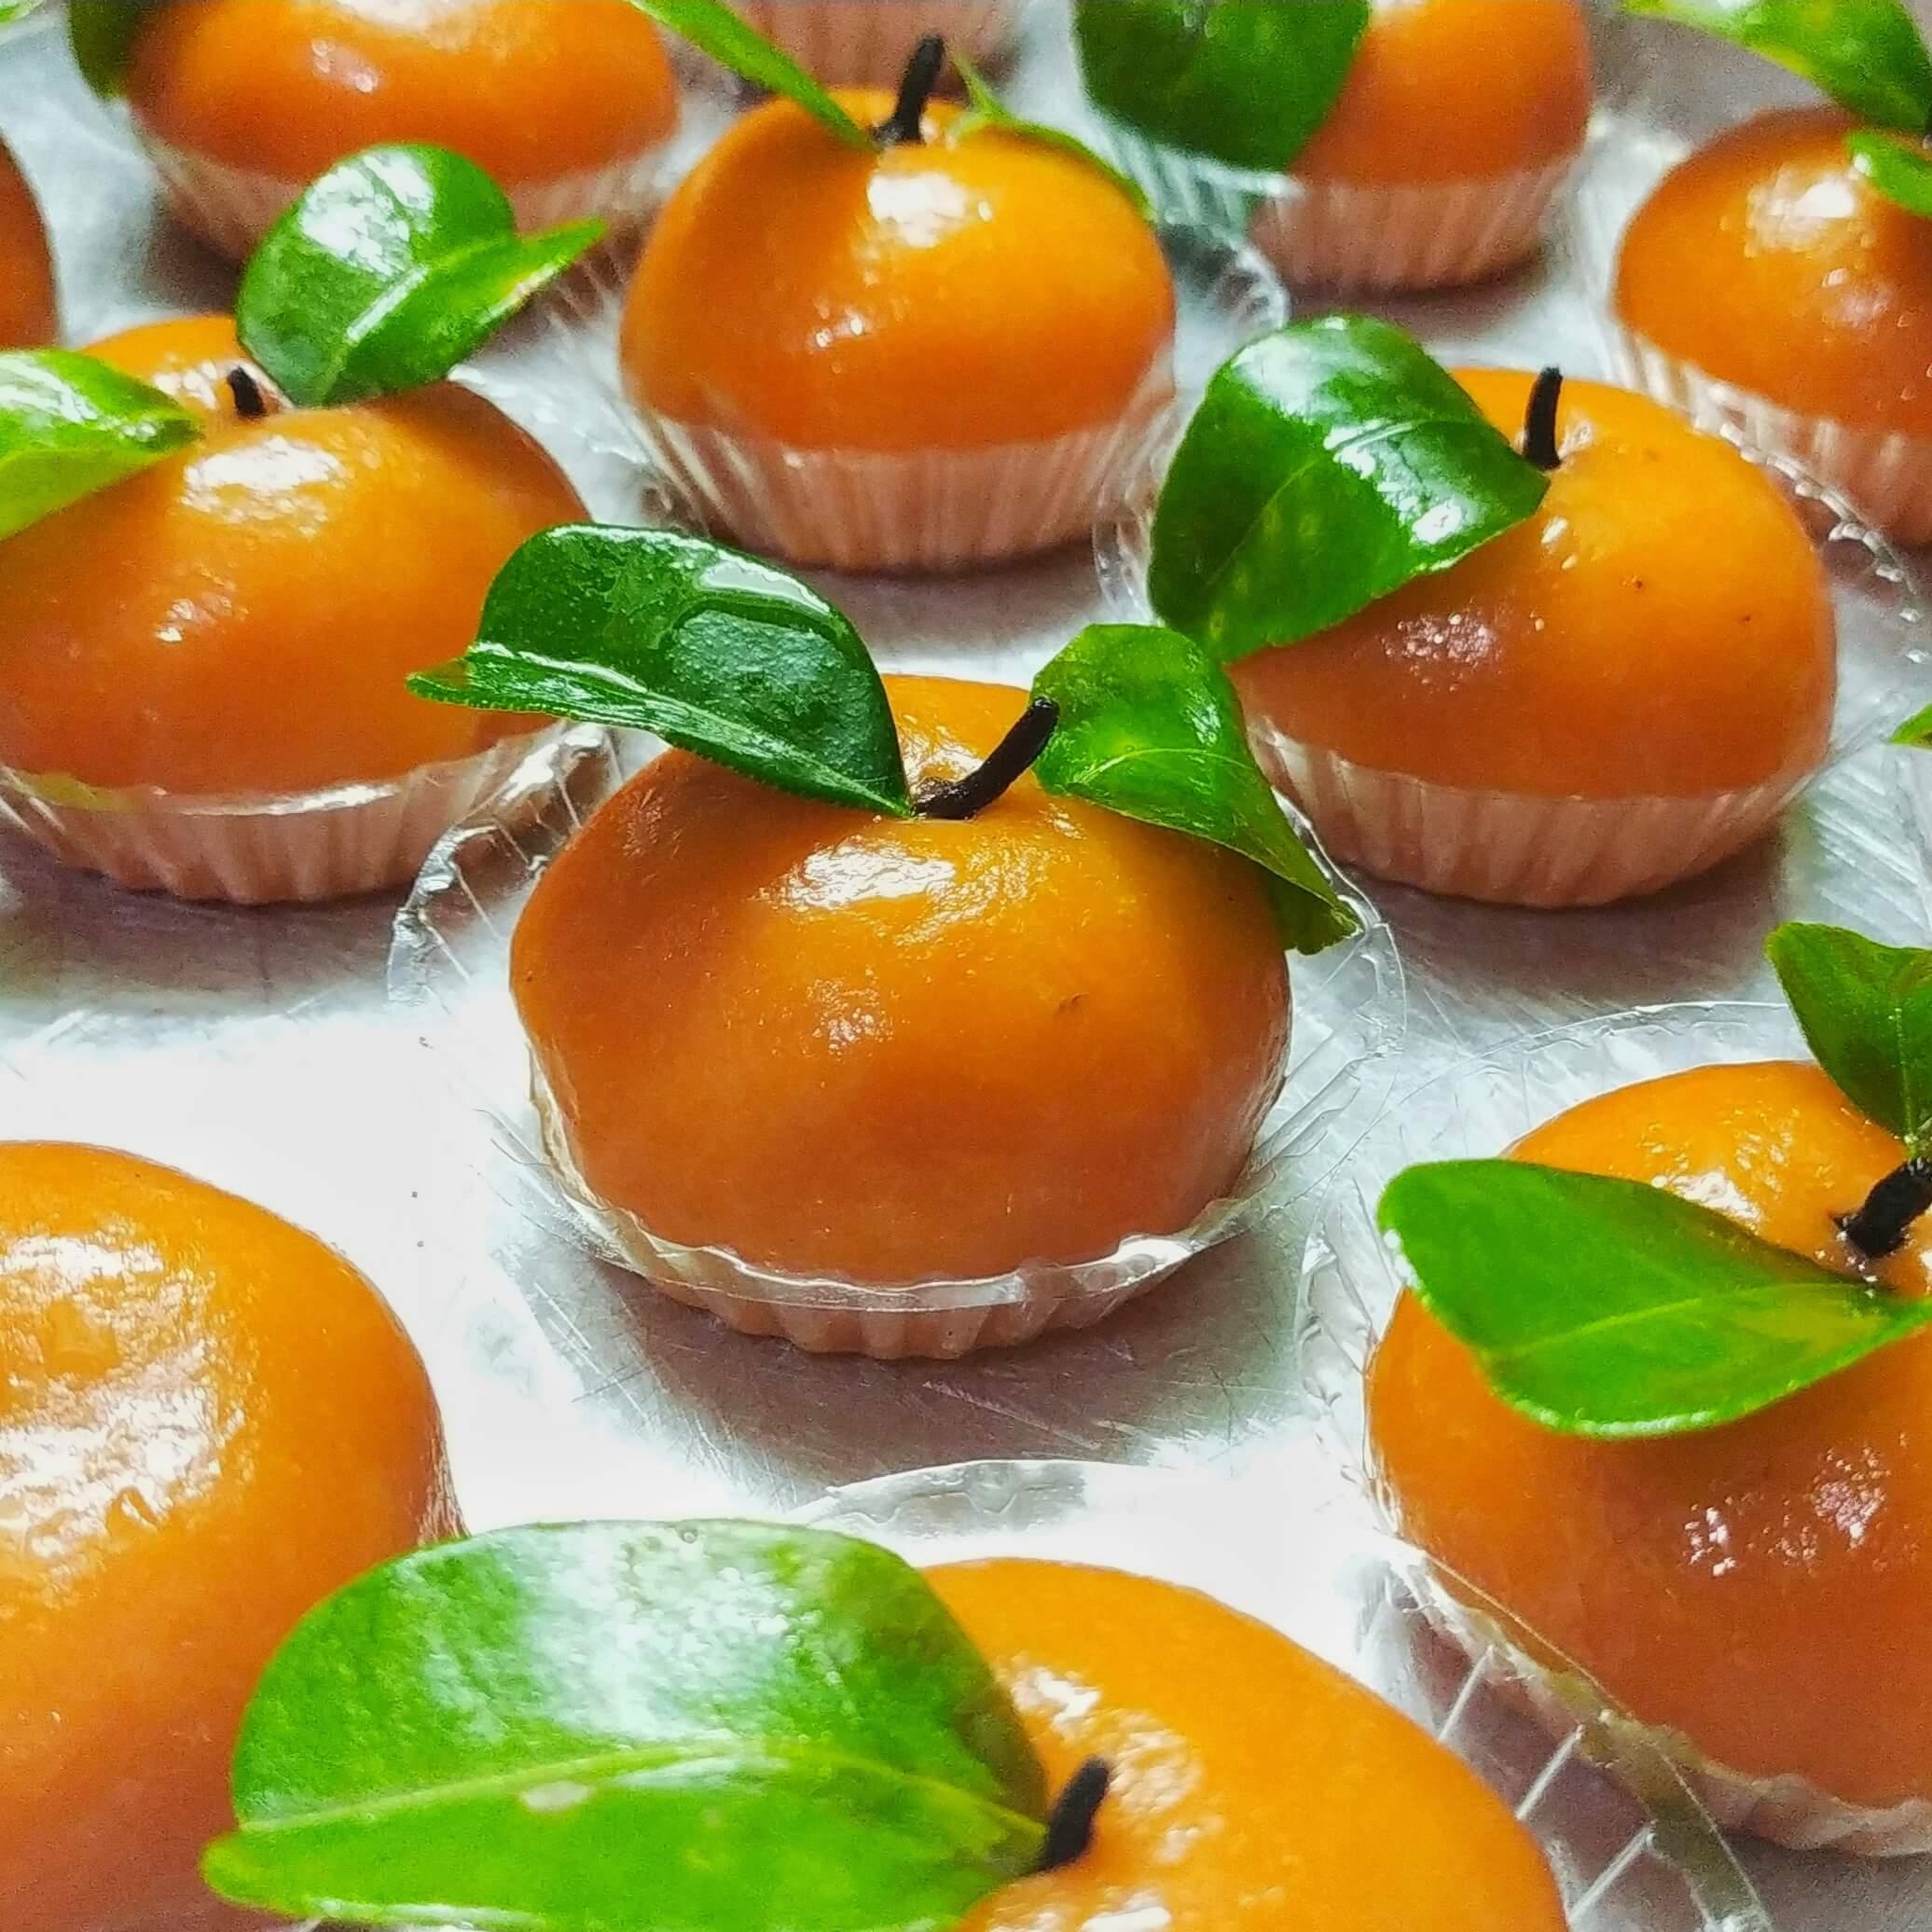 Resep kue ku jeruk enak lentur, cara membuat kue ku jeruk